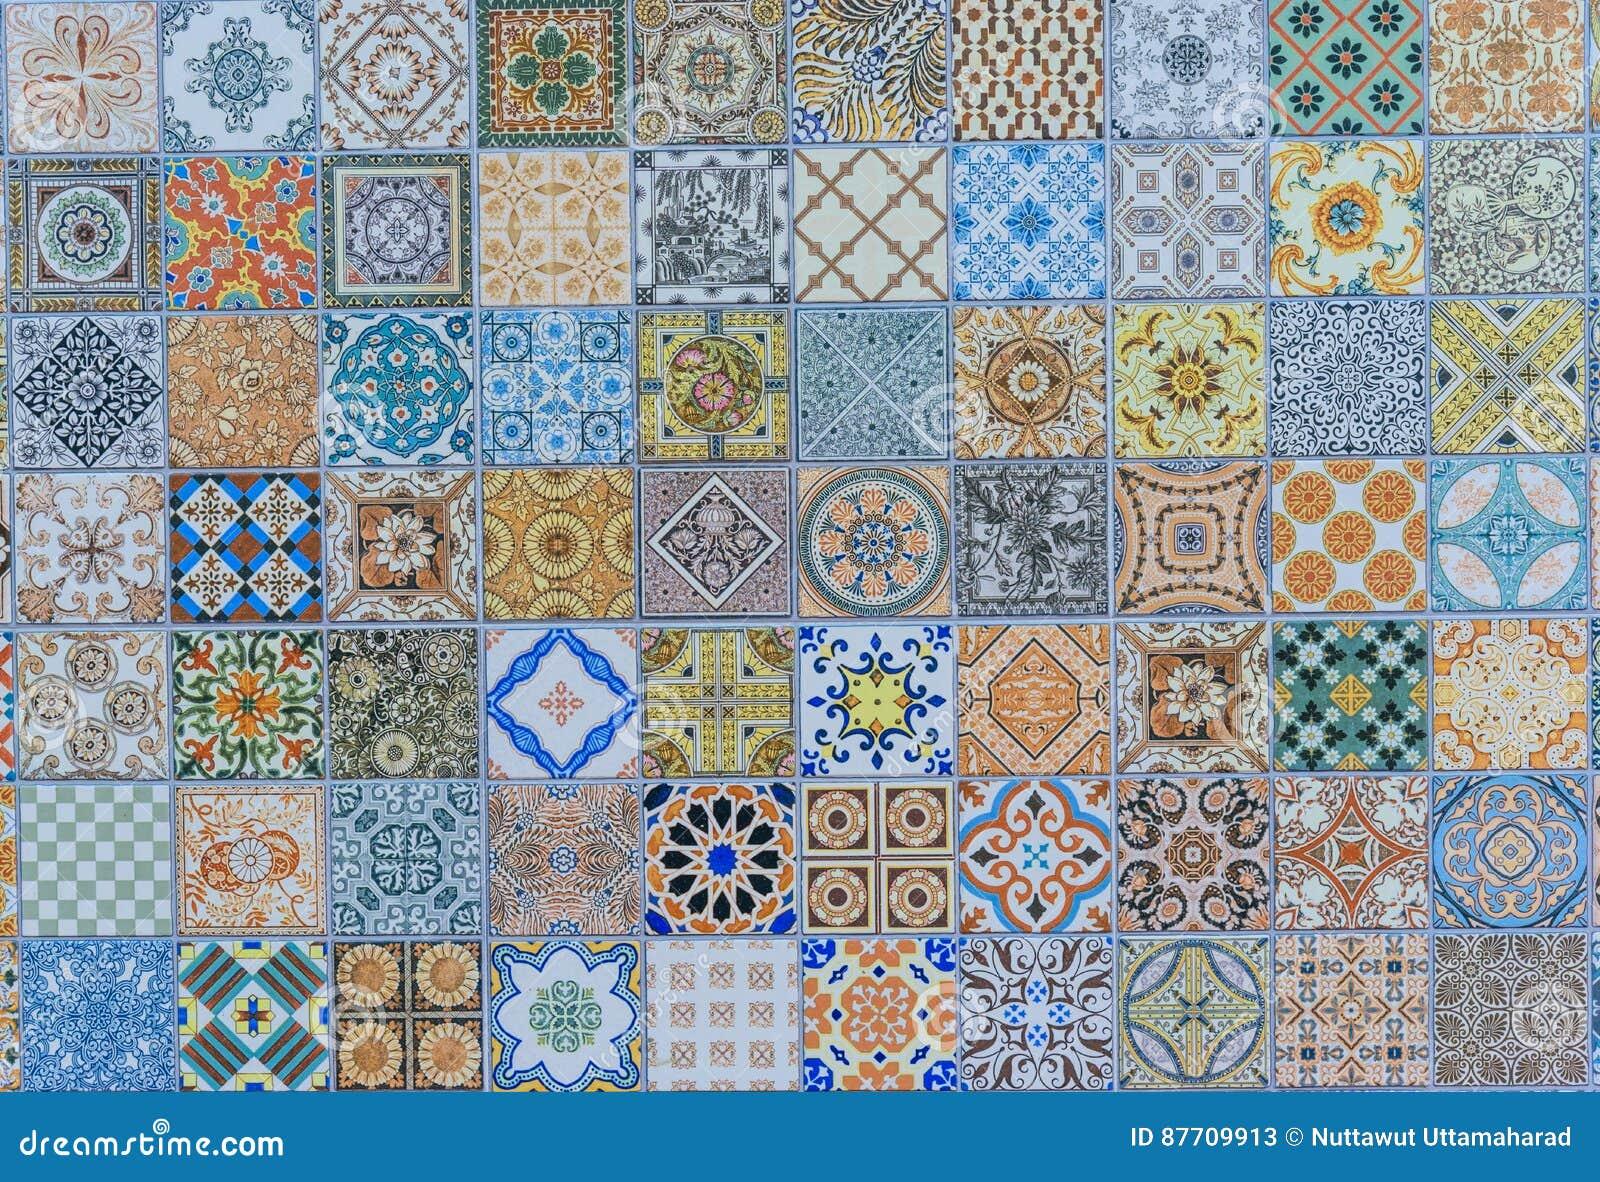 Insieme mega dei modelli delle piastrelle di ceramica della parete dalla tailandia immagine - Dielle piastrelle ...